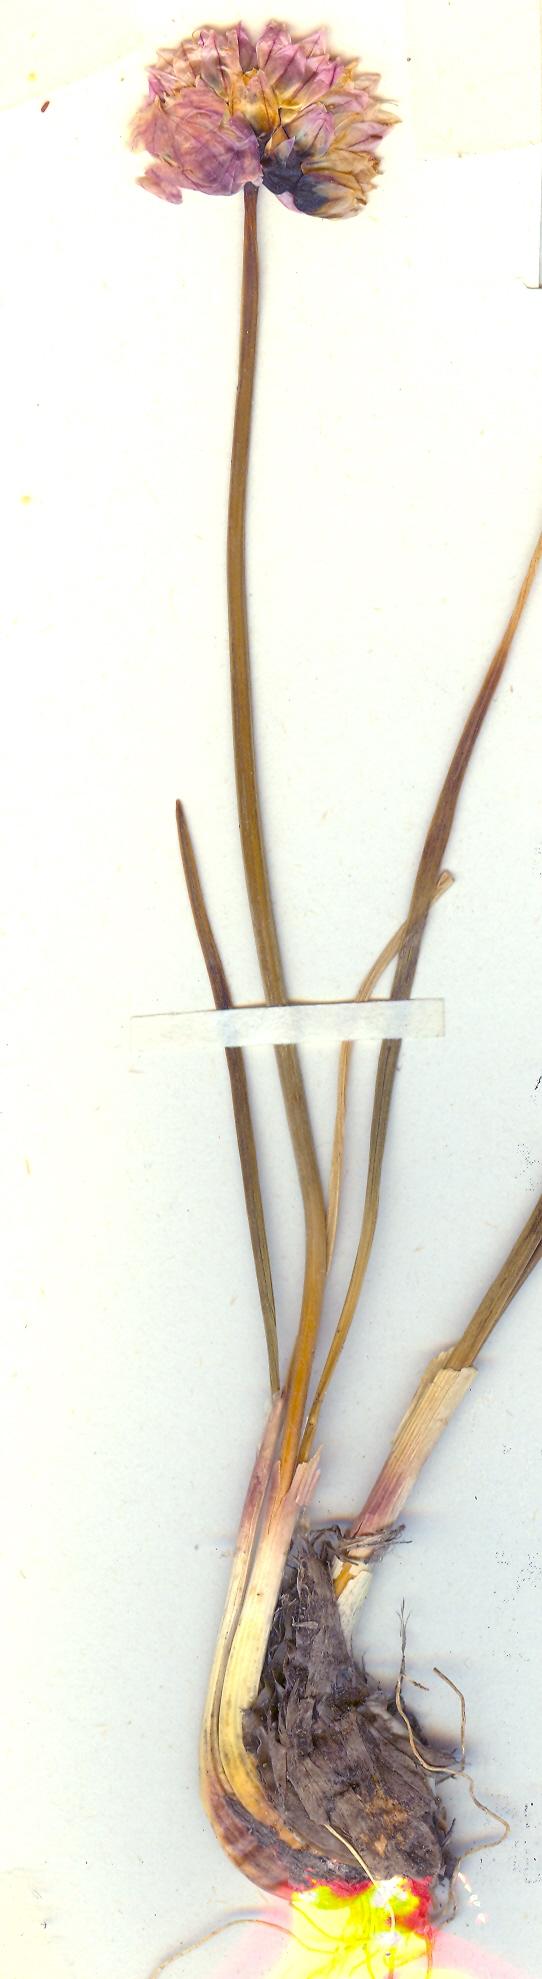 Allium%20schoenoprasum%20v%20orosiae%20t%C3%B8rret.jpg